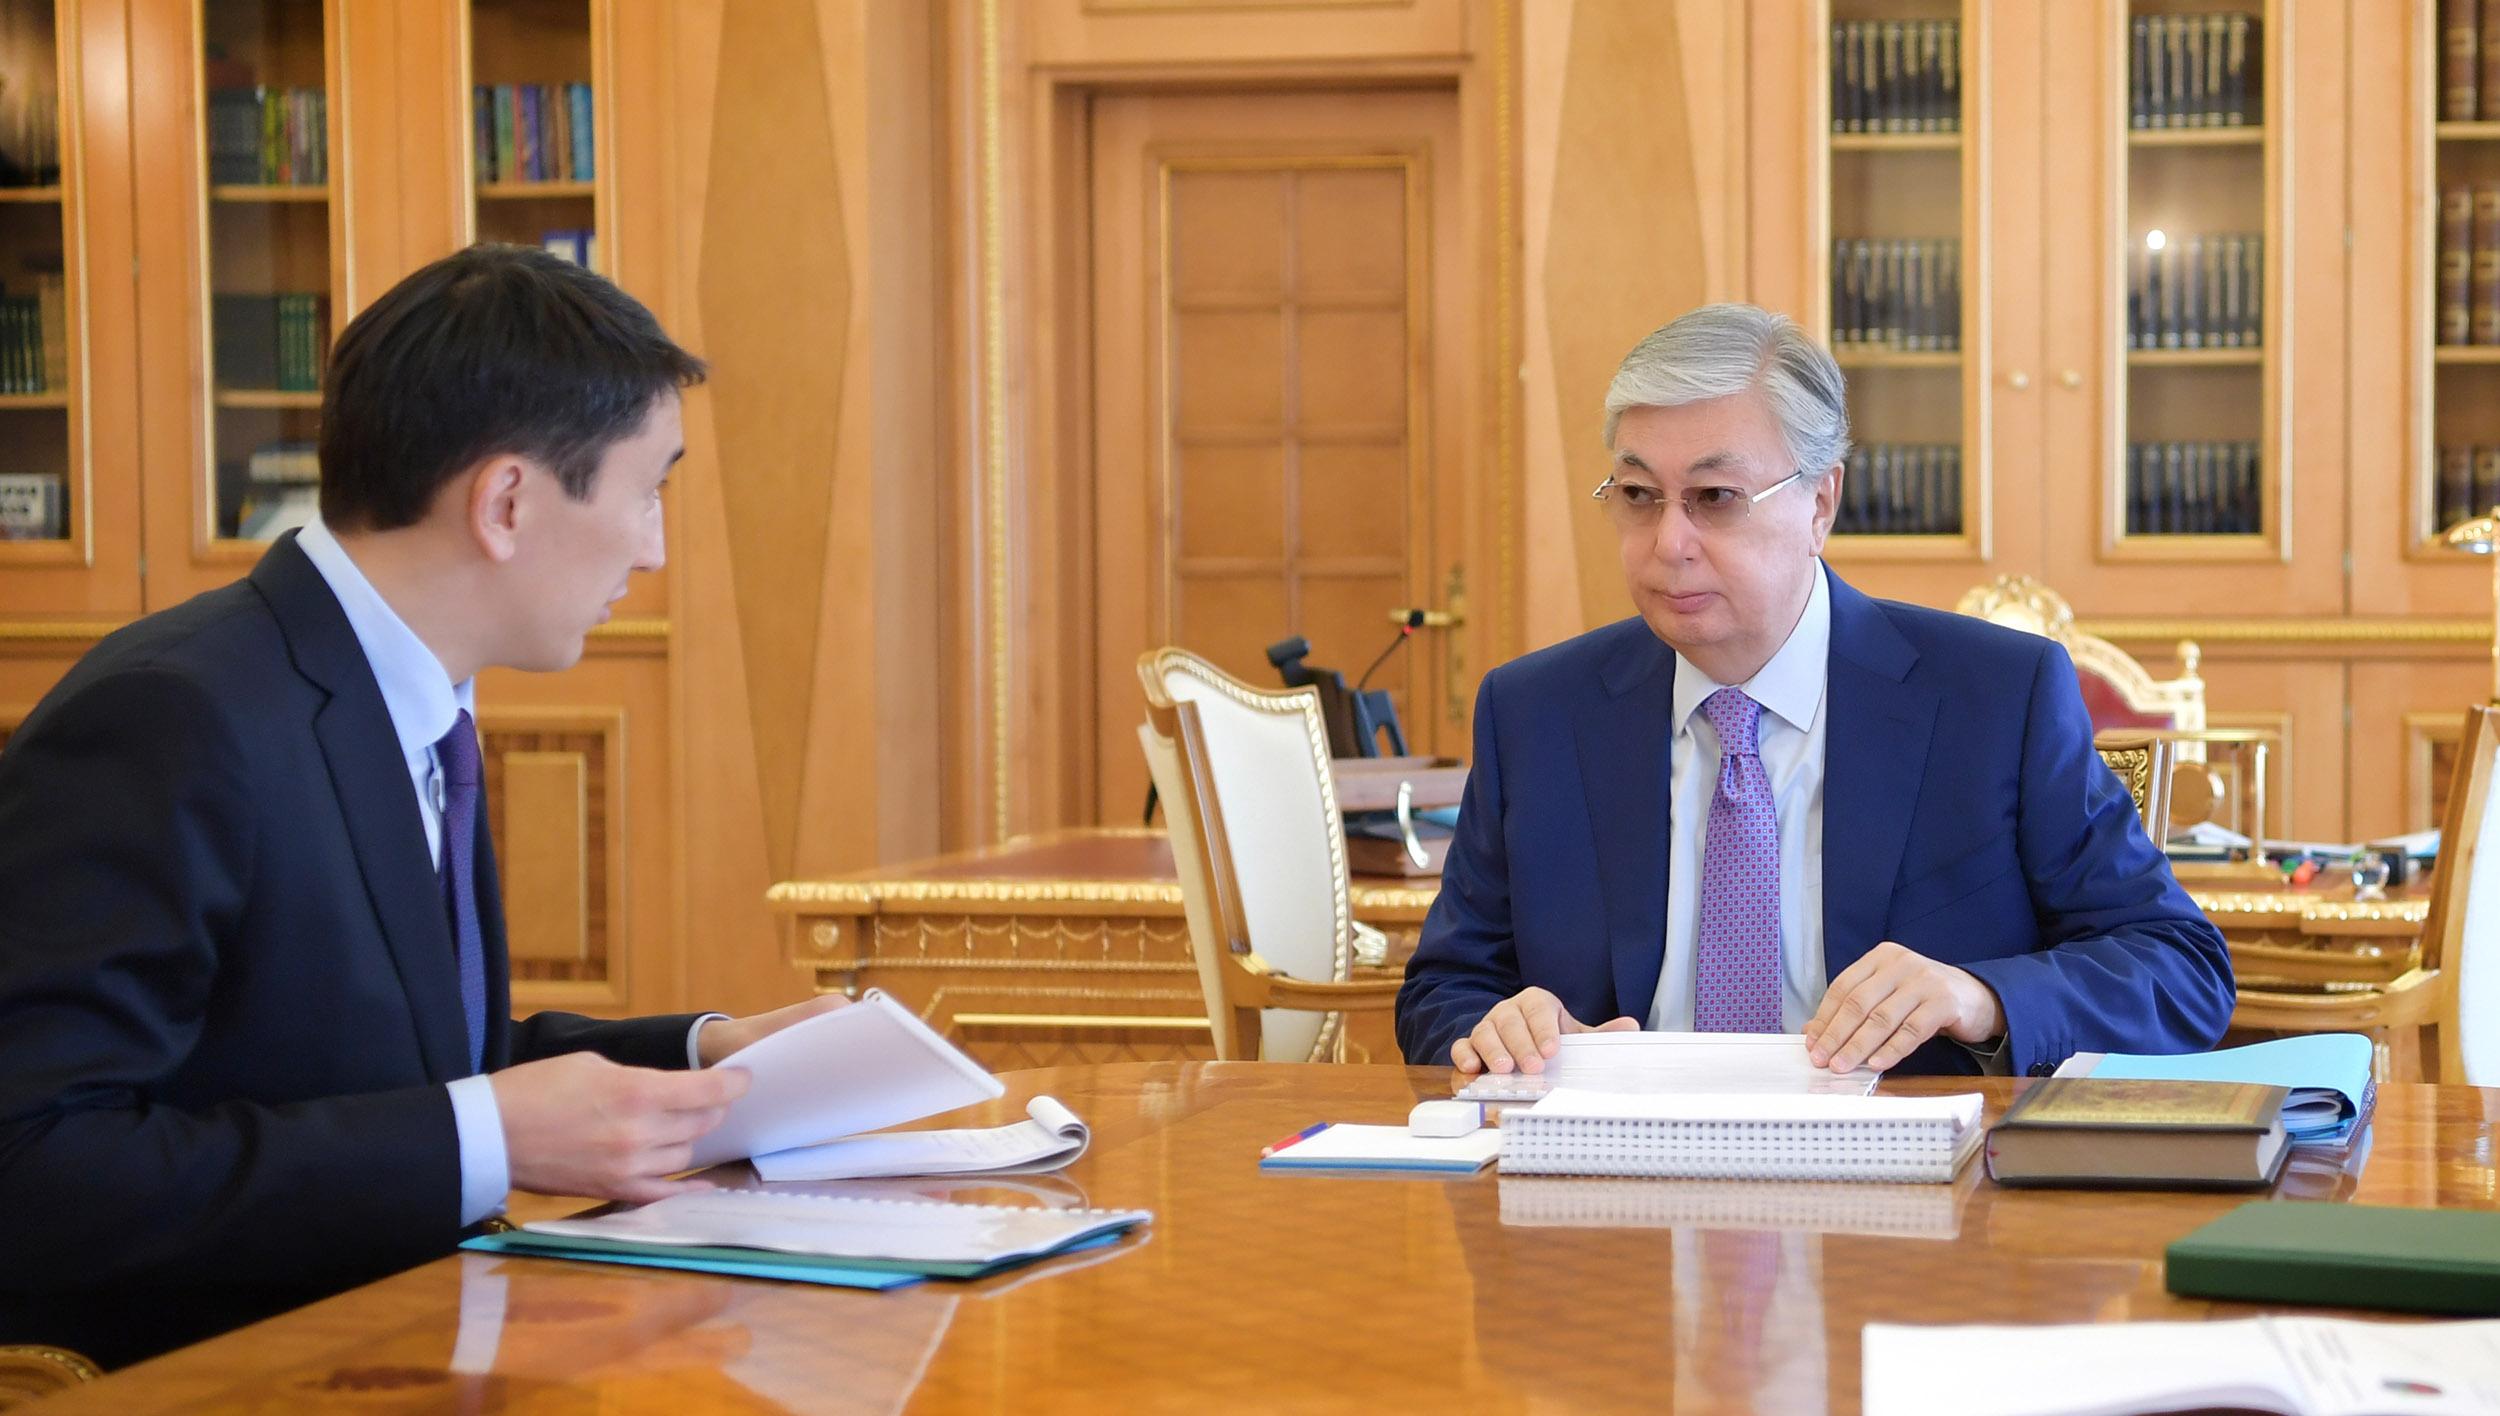 Мағзұм Мырзағалиев Президентке Экологиялық кодекстің әзірлену барысы туралы айтты